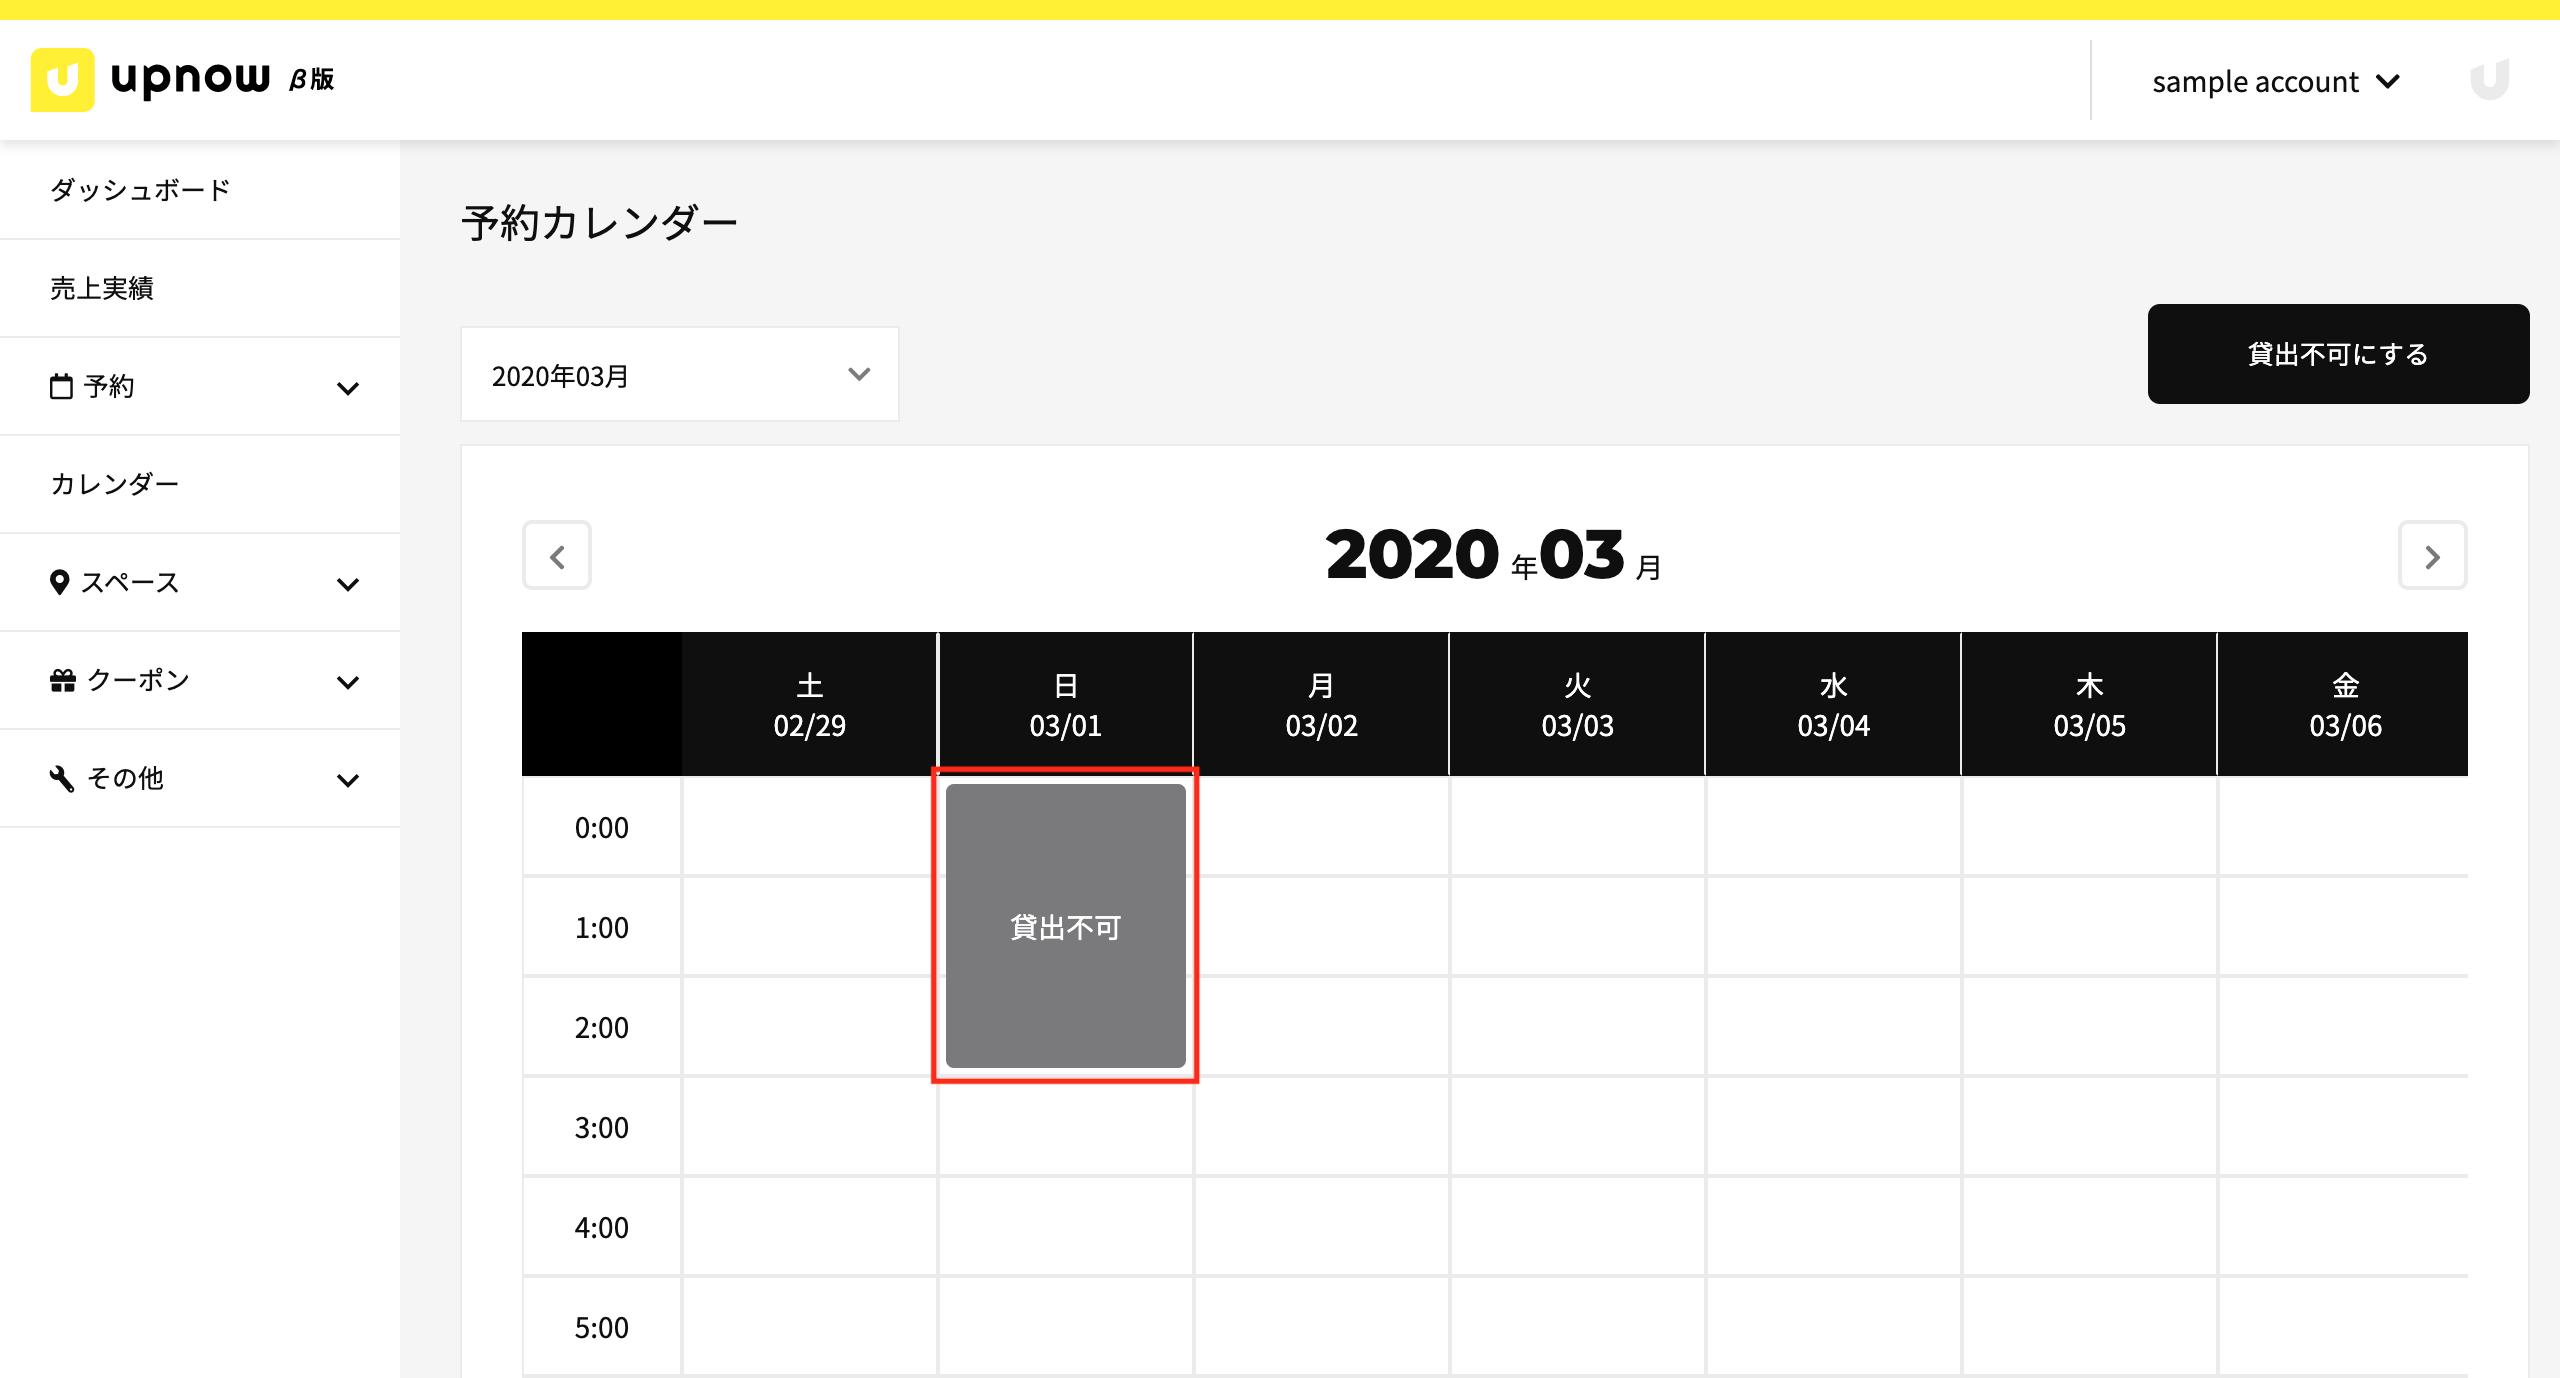 スクリーンショット 2020-01-10 15.15.44.png